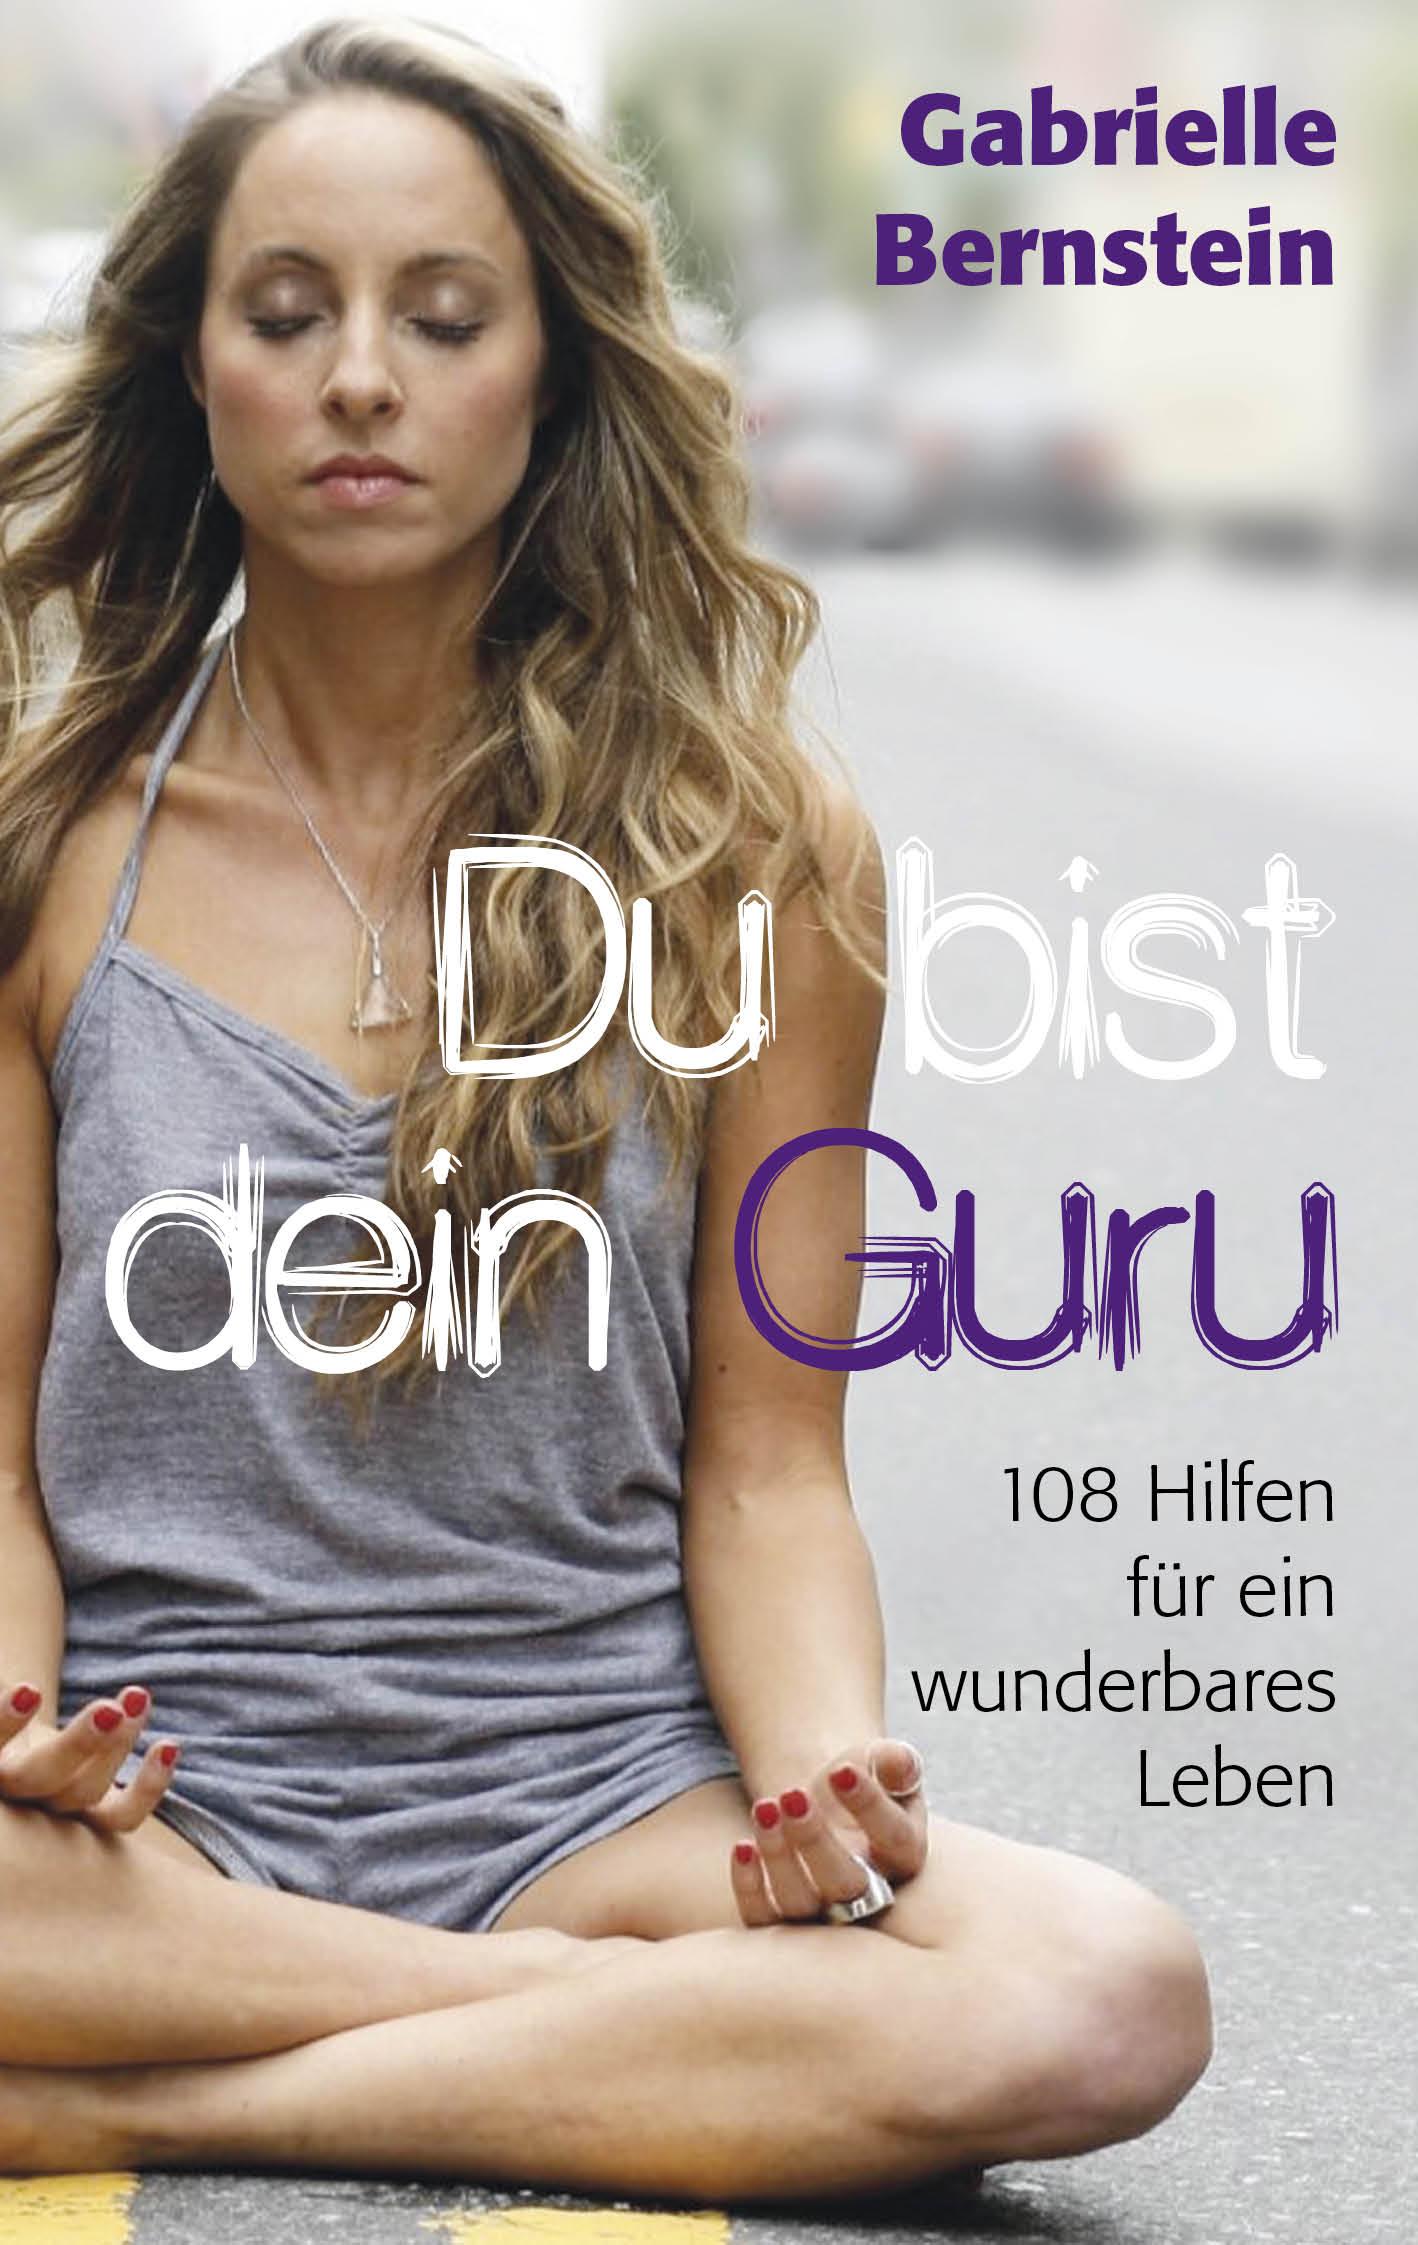 Du bist dein Guru: 108 Hilfen für ein wunderbares Leben - Gabrielle Bernstein [Broschiert]